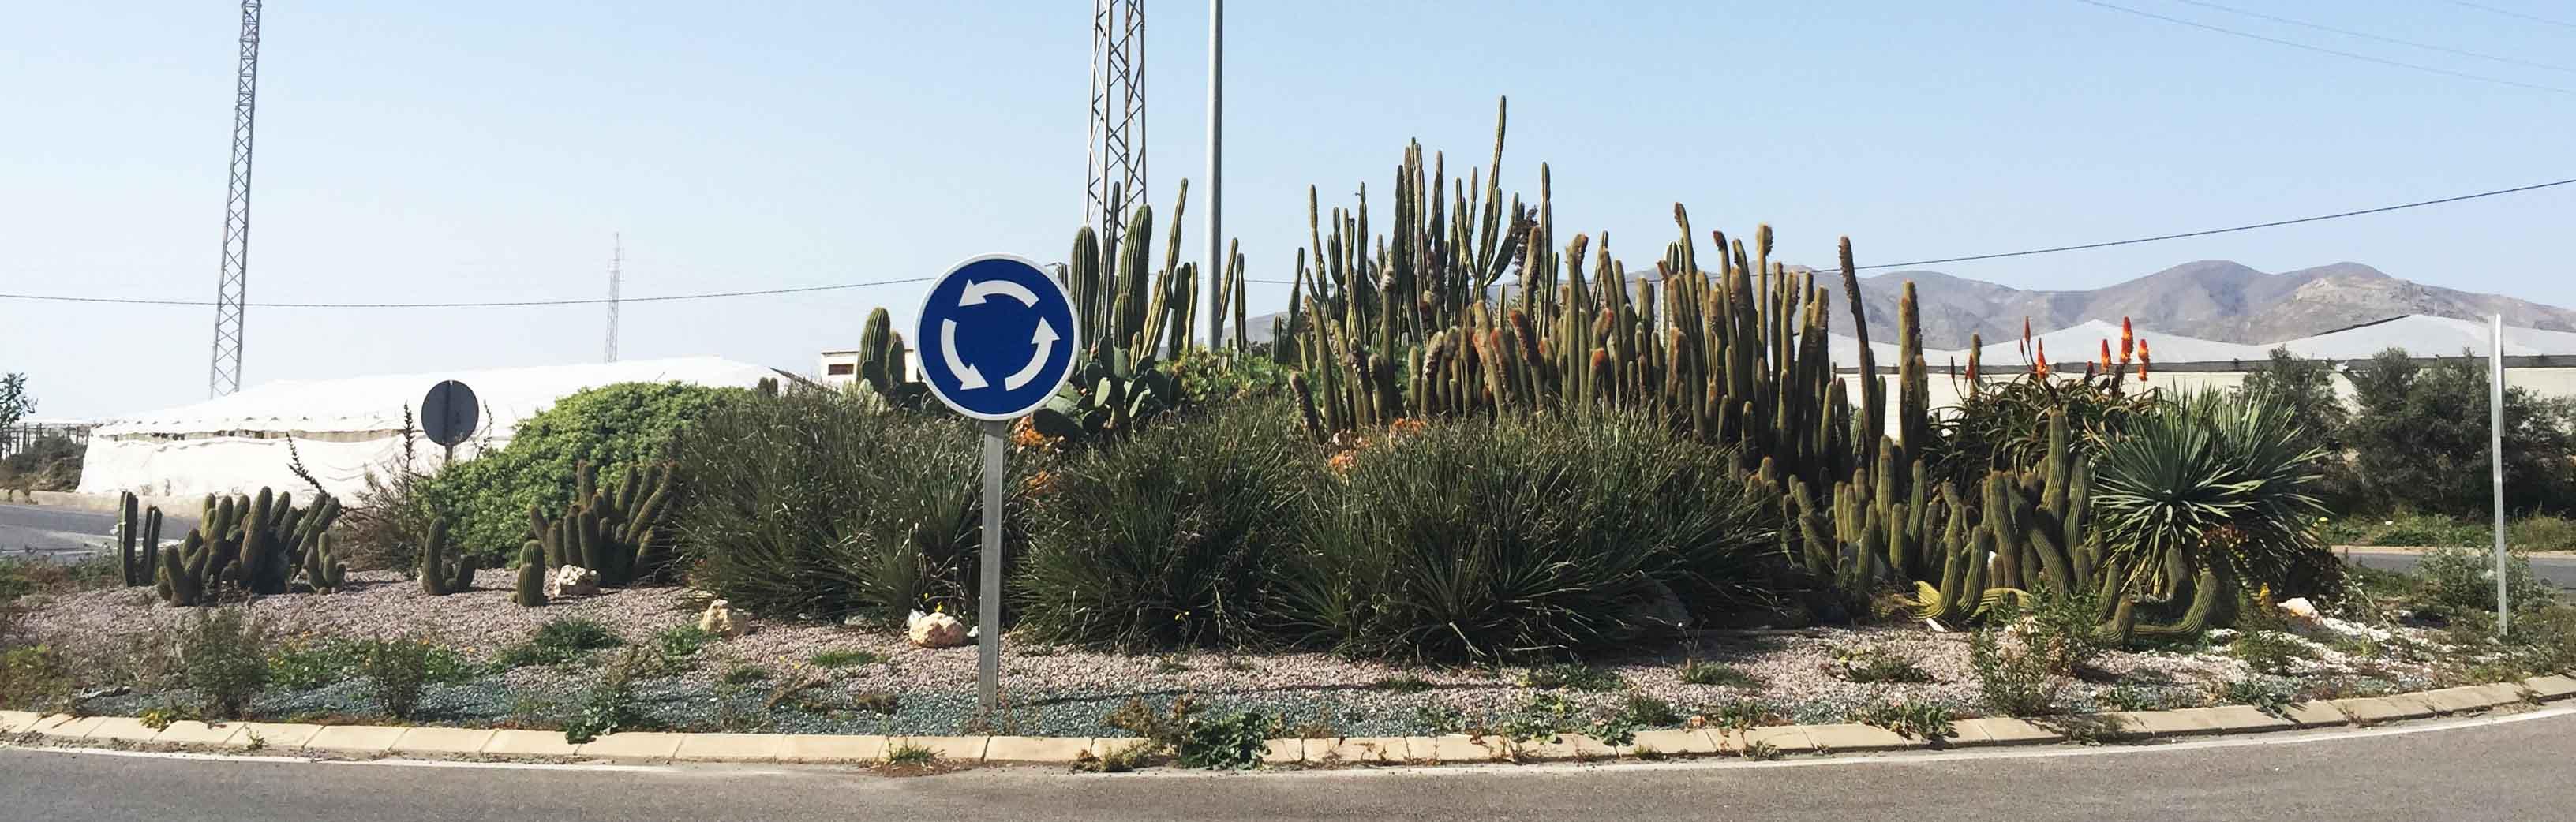 Rotonda Cactus Almería